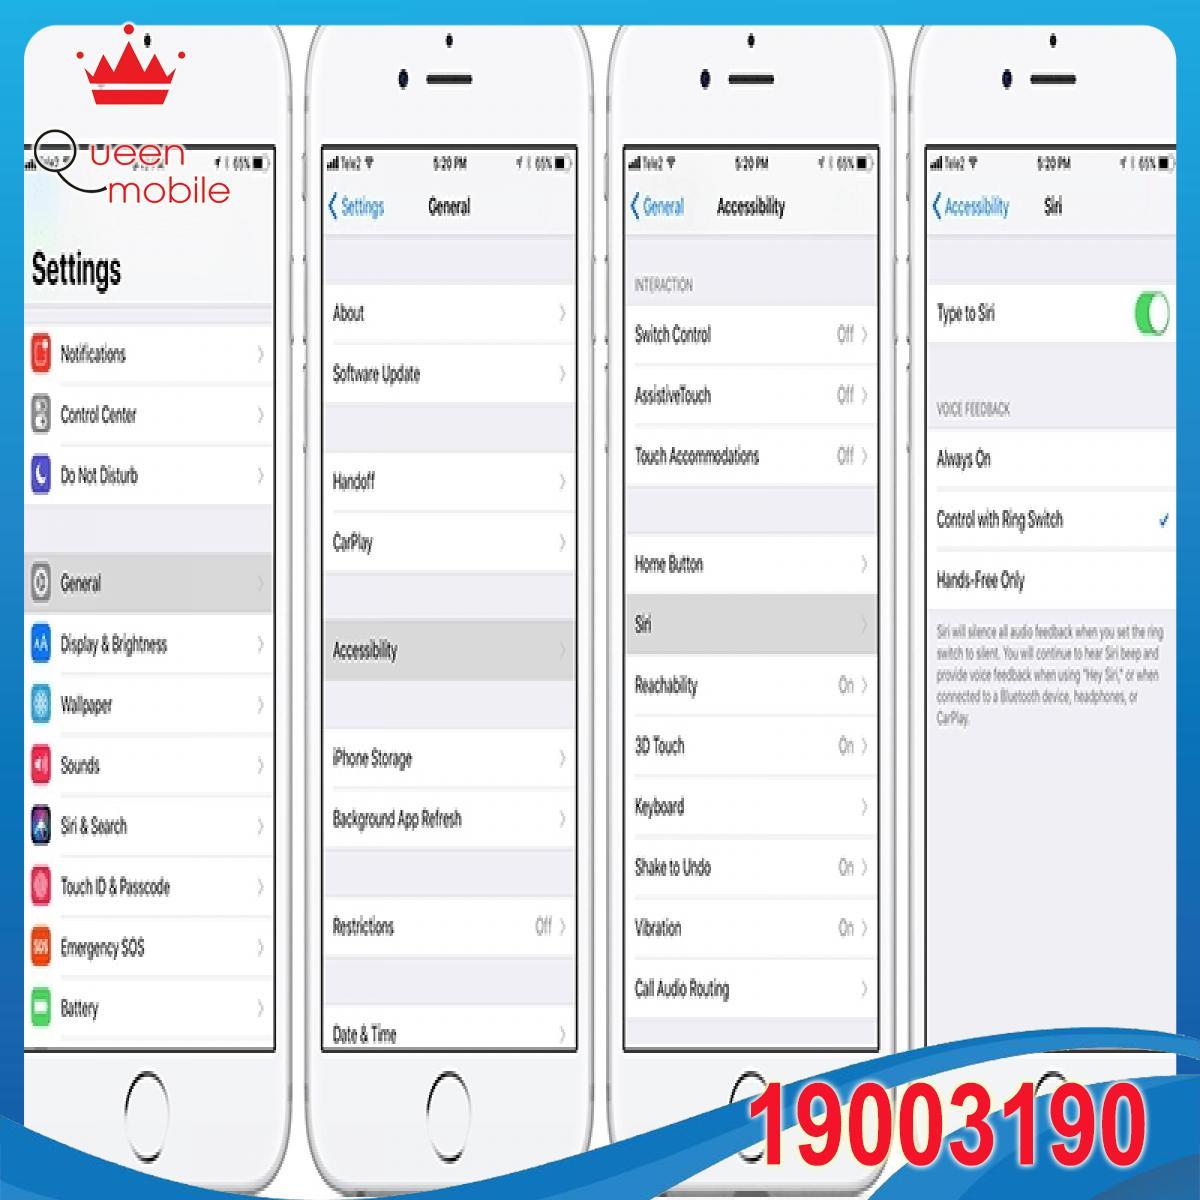 IOS 11 cho phép bạn gõ để hỏi Siri thay vì phải nói như trước đây